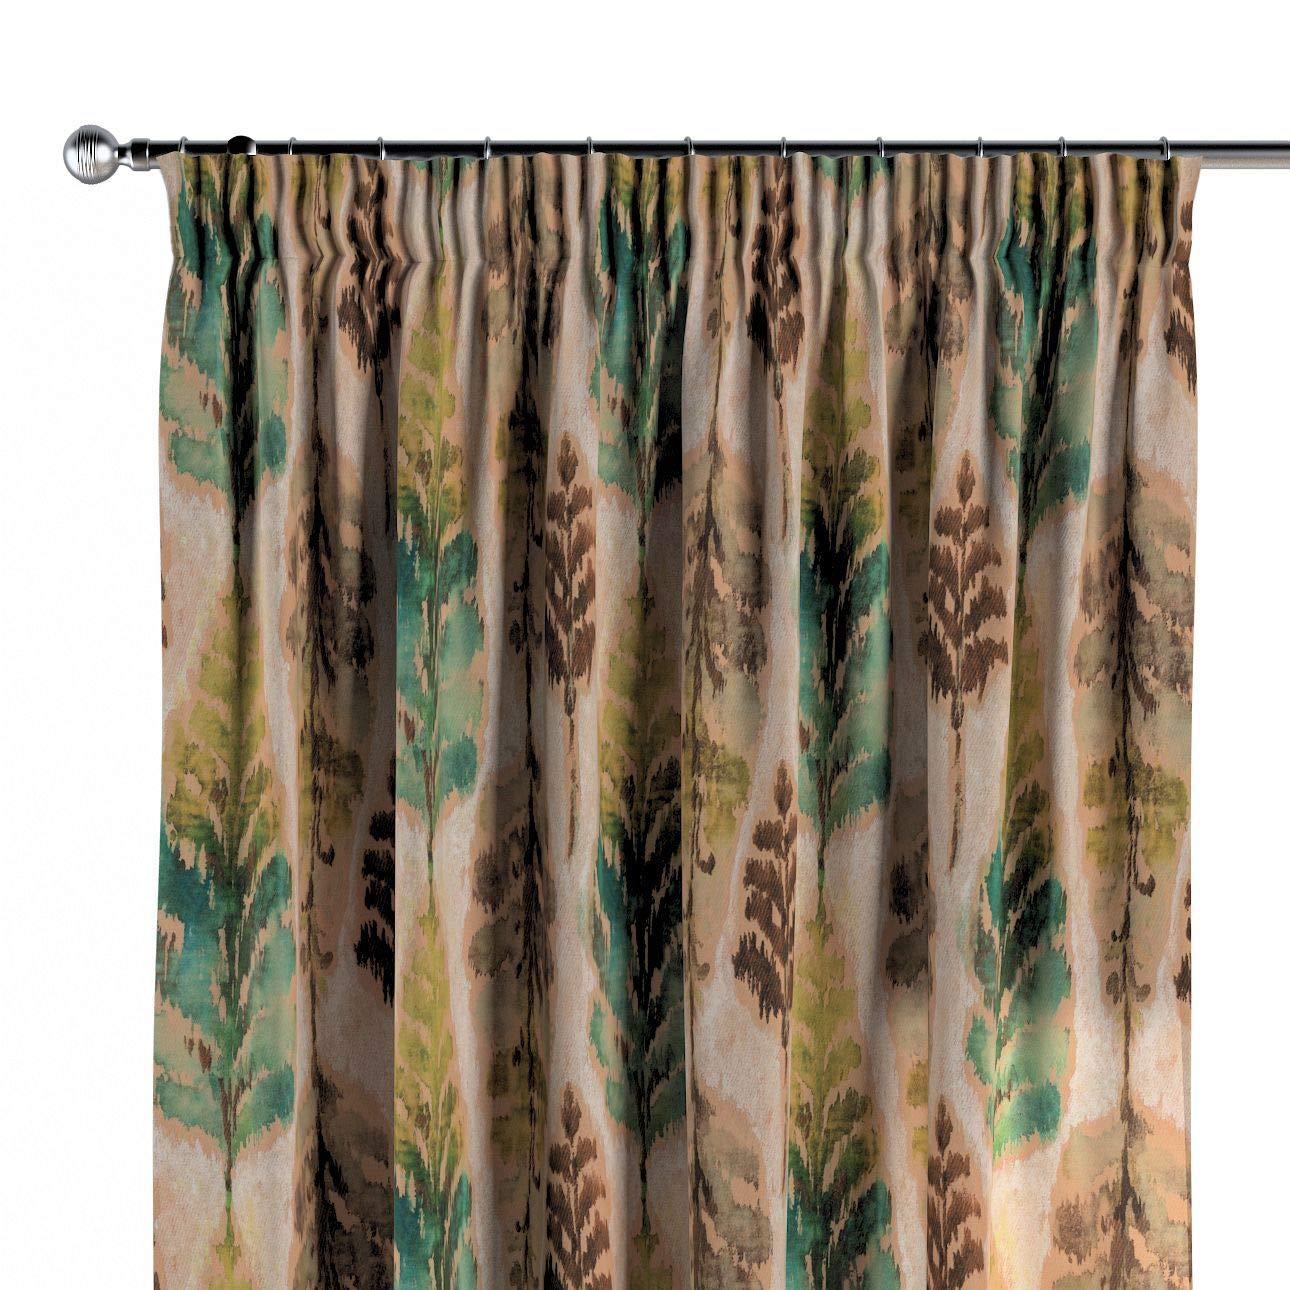 Dekoria Vorhang mit Kräuselband Dekoschal Blickdicht 1 Stck. 130 × 260 cm grün-braun Maßanfertigung möglich